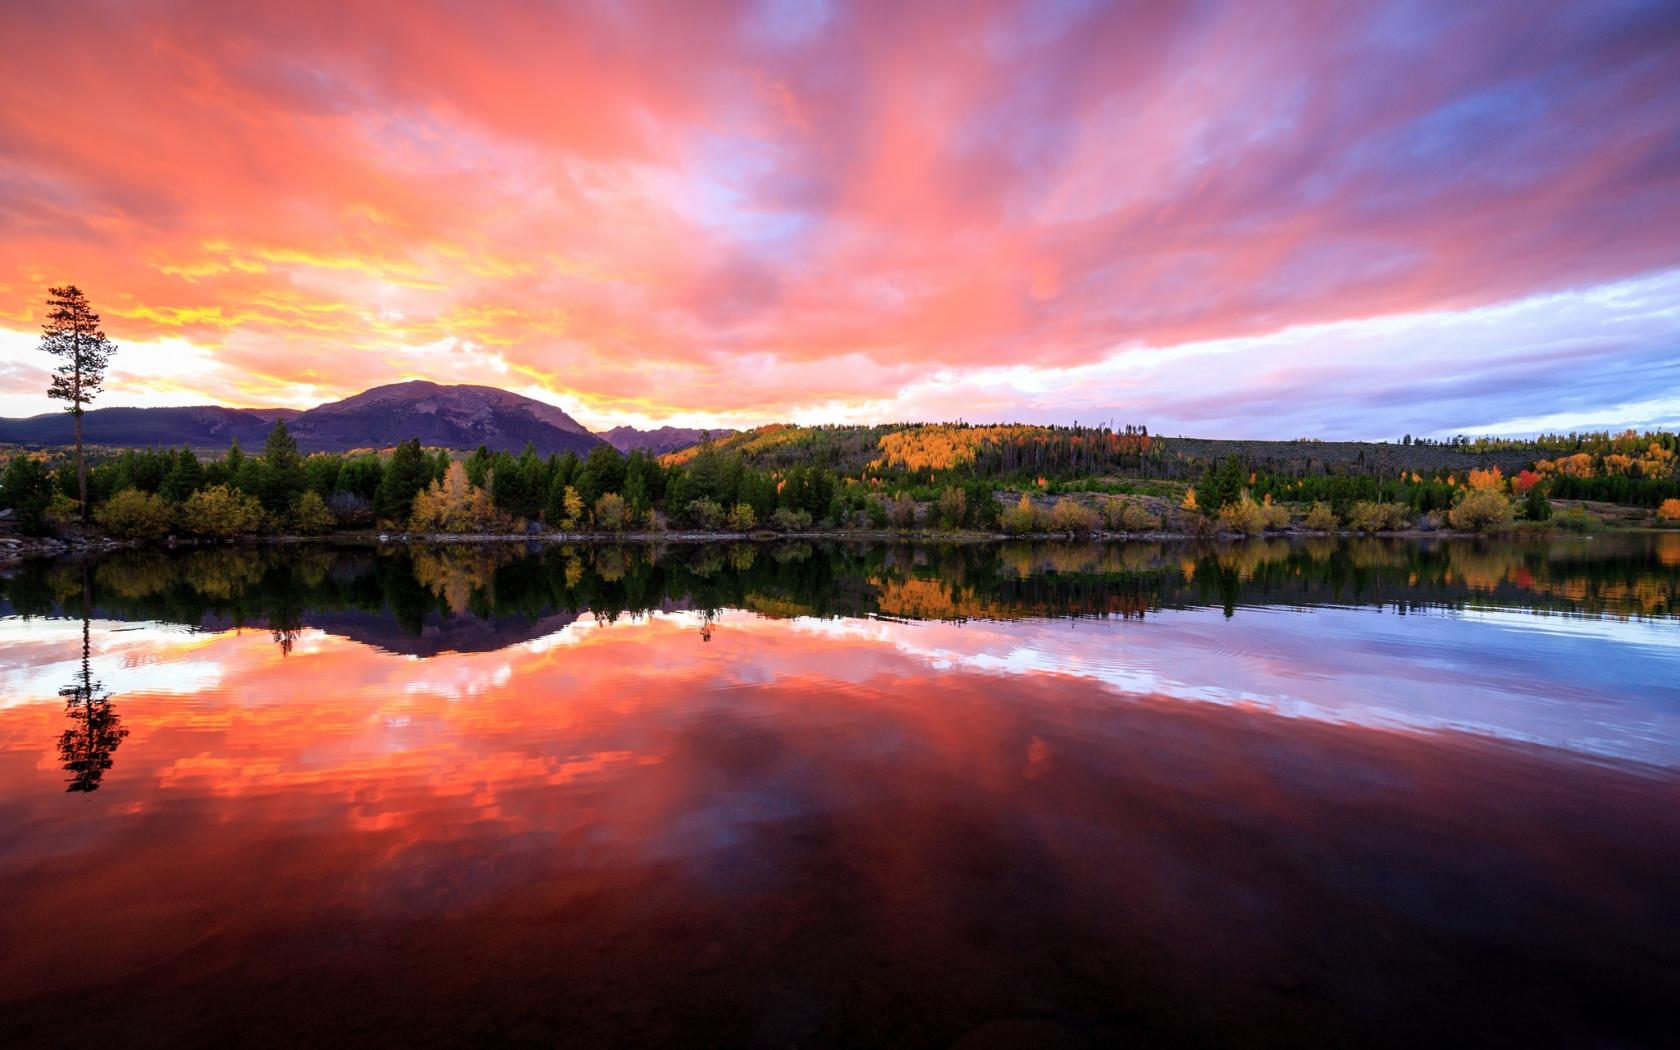 Bellos reflejos en un lago - 1680x1050